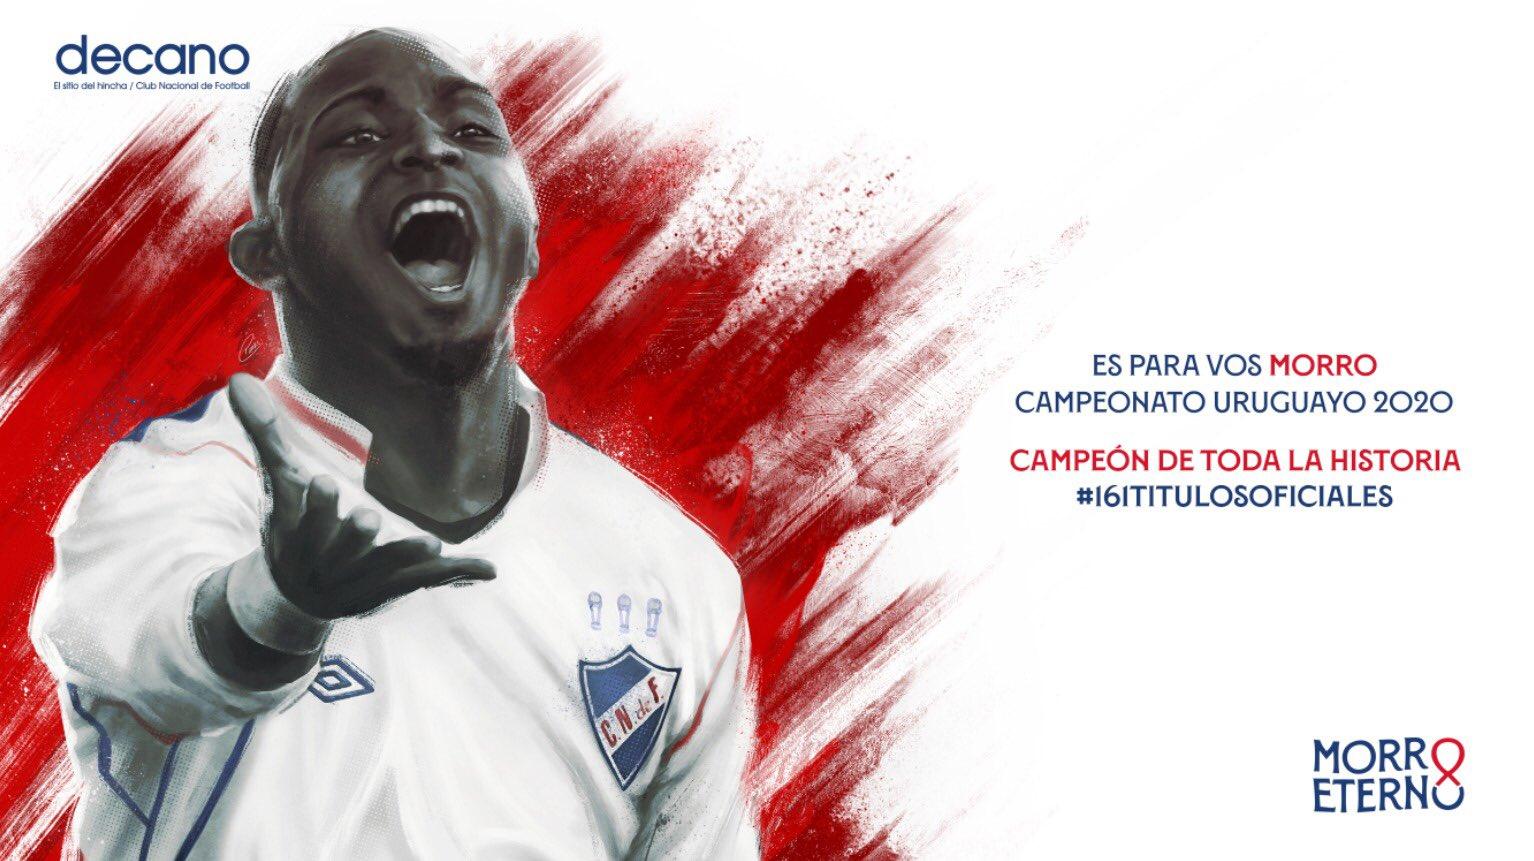 Nacional de Uruguay le dedicó el campeonato al Morro